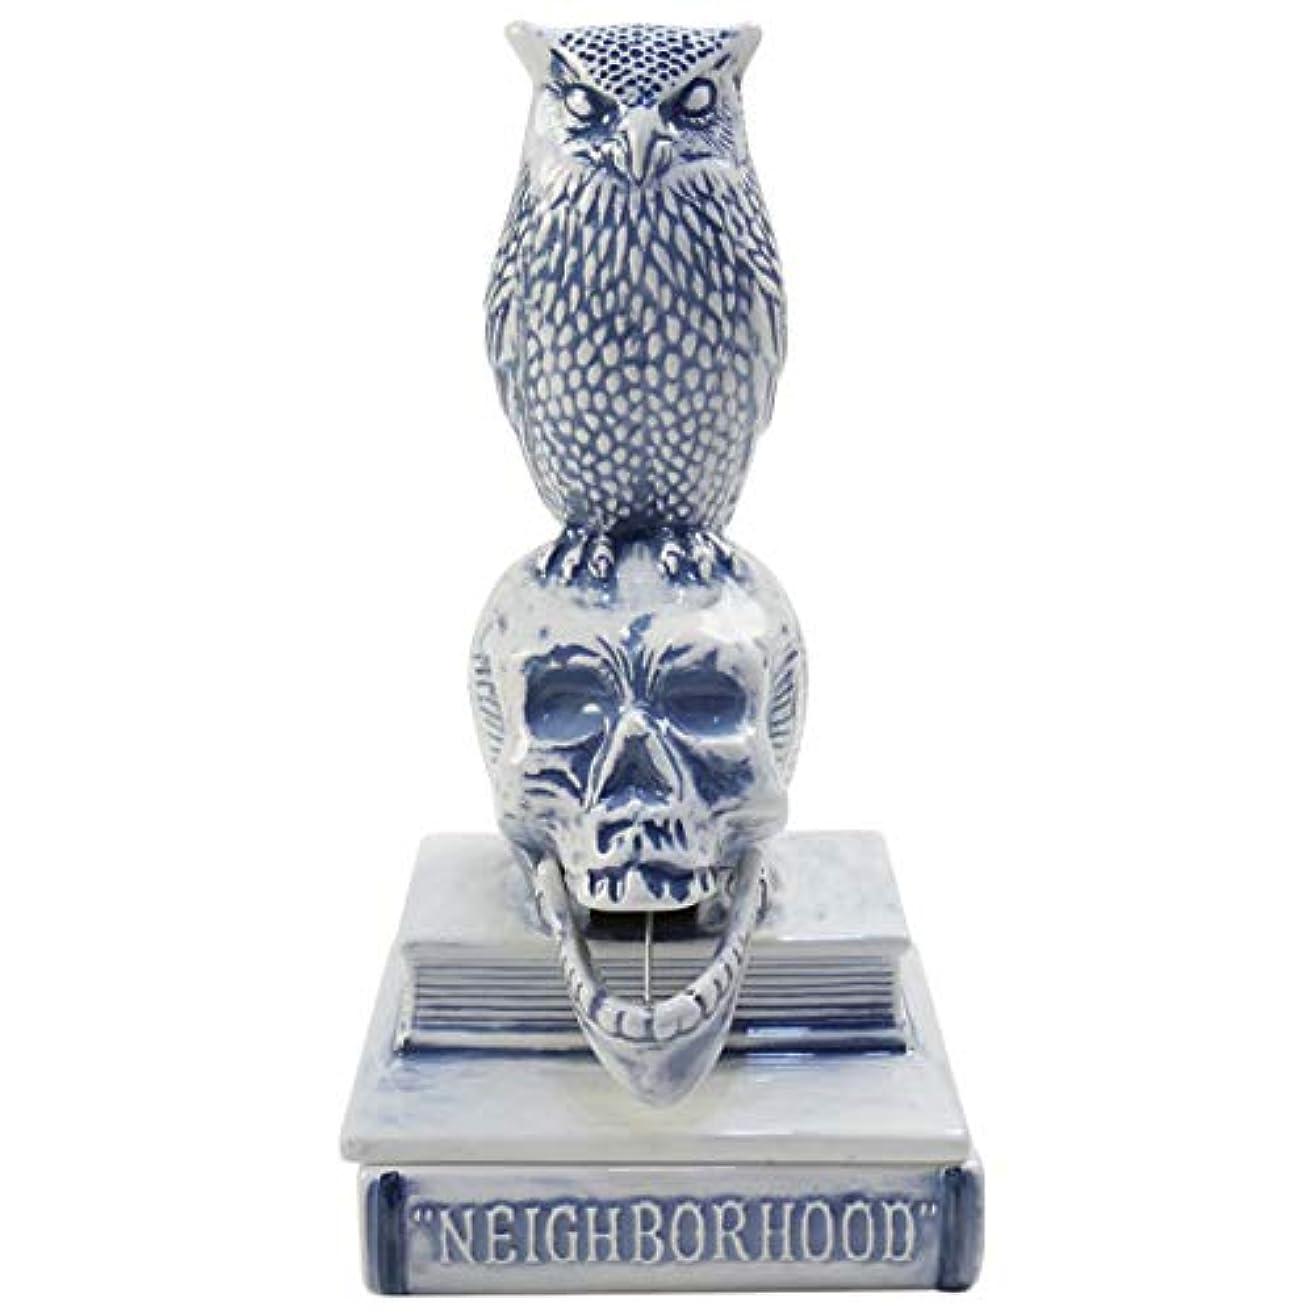 合理化洞窟寄稿者NEIGHBORHOOD ネイバーフッド 18SS OWL-B/CE-INCENSE CHAMBER お香立て 青 フリー